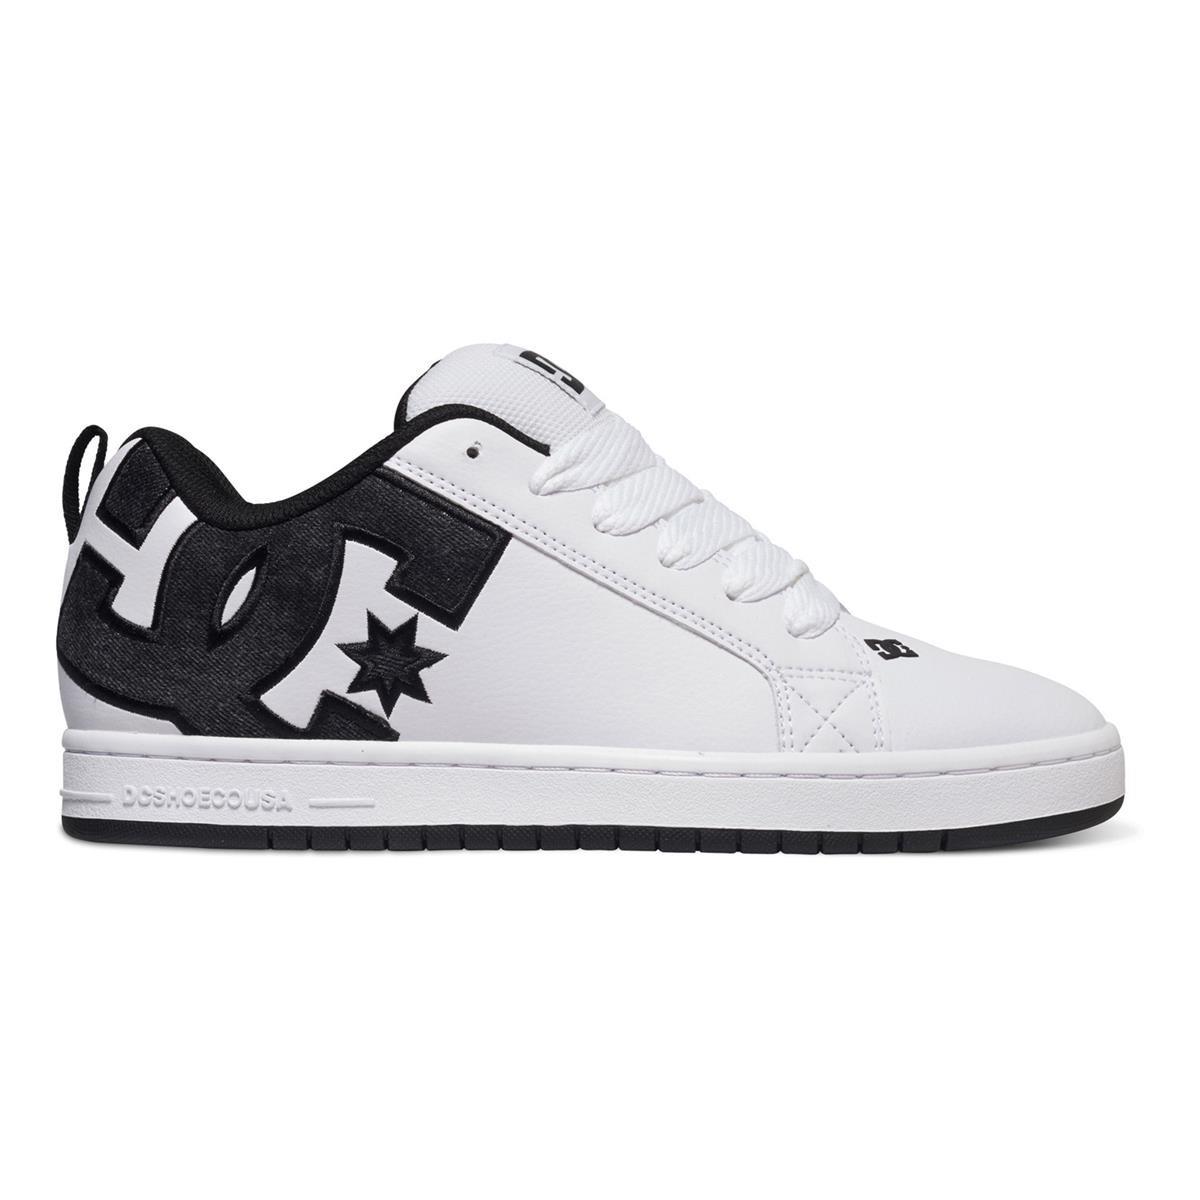 DC Schuhe Court Graffik SE SE Graffik Weiß/Grau/Schwarz 776d5f